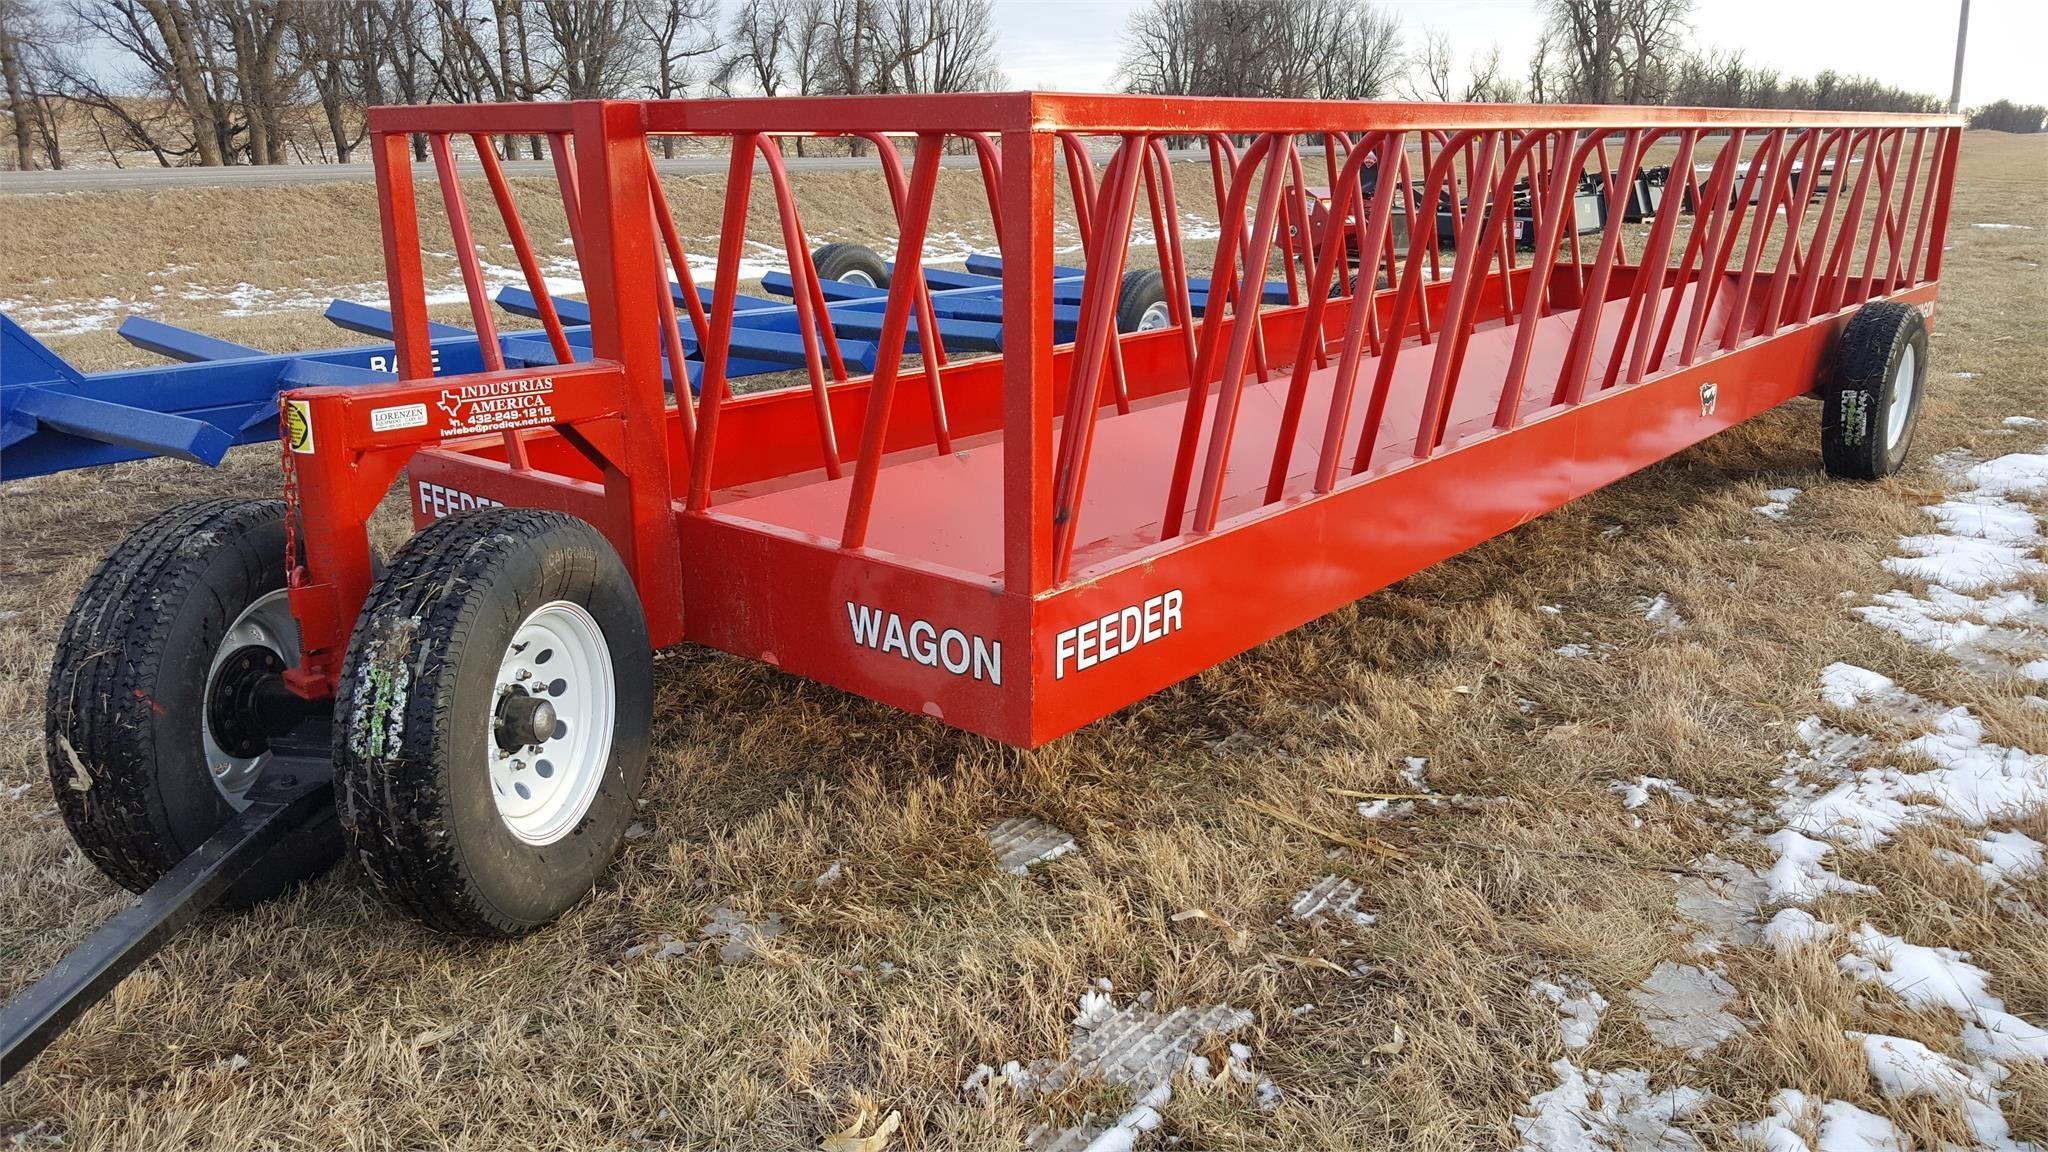 2021 Industrias America 82R Feed Wagon